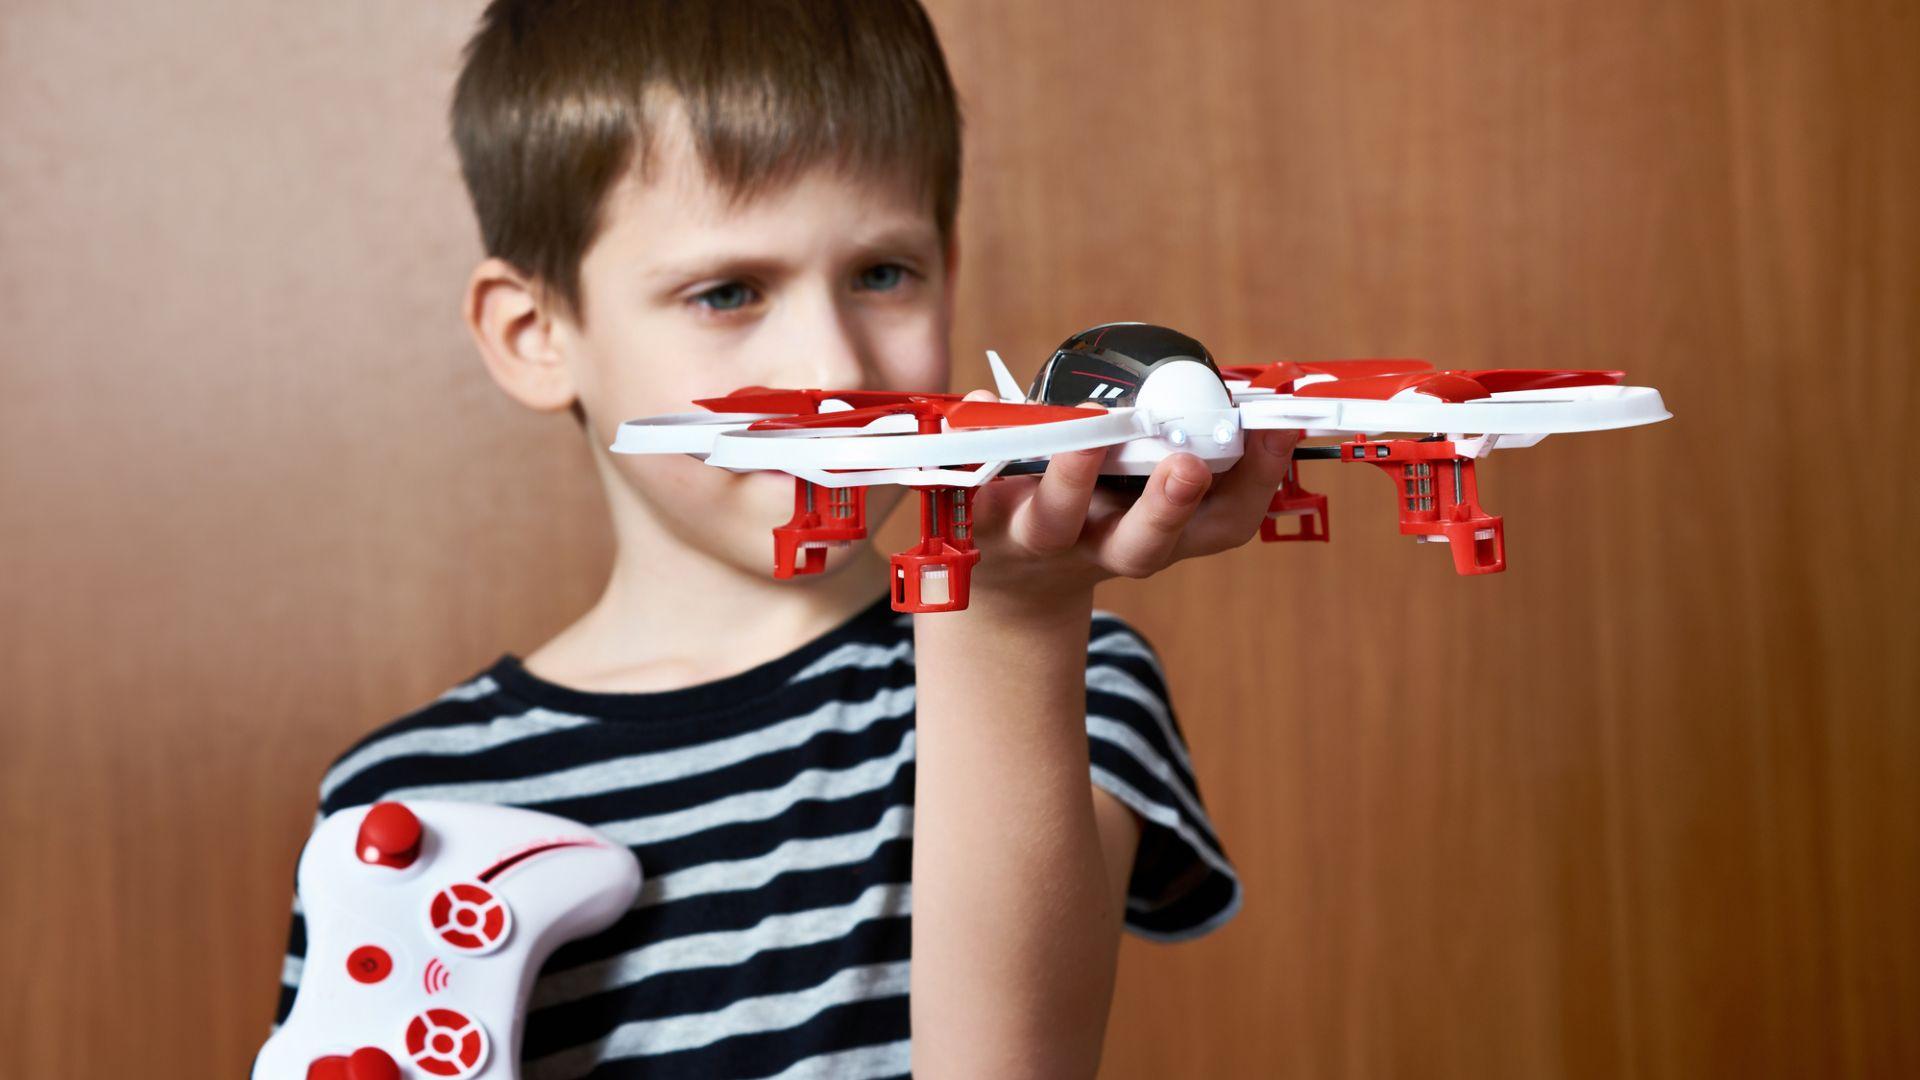 Управлението на дронове се усвоява по-лесно от деца